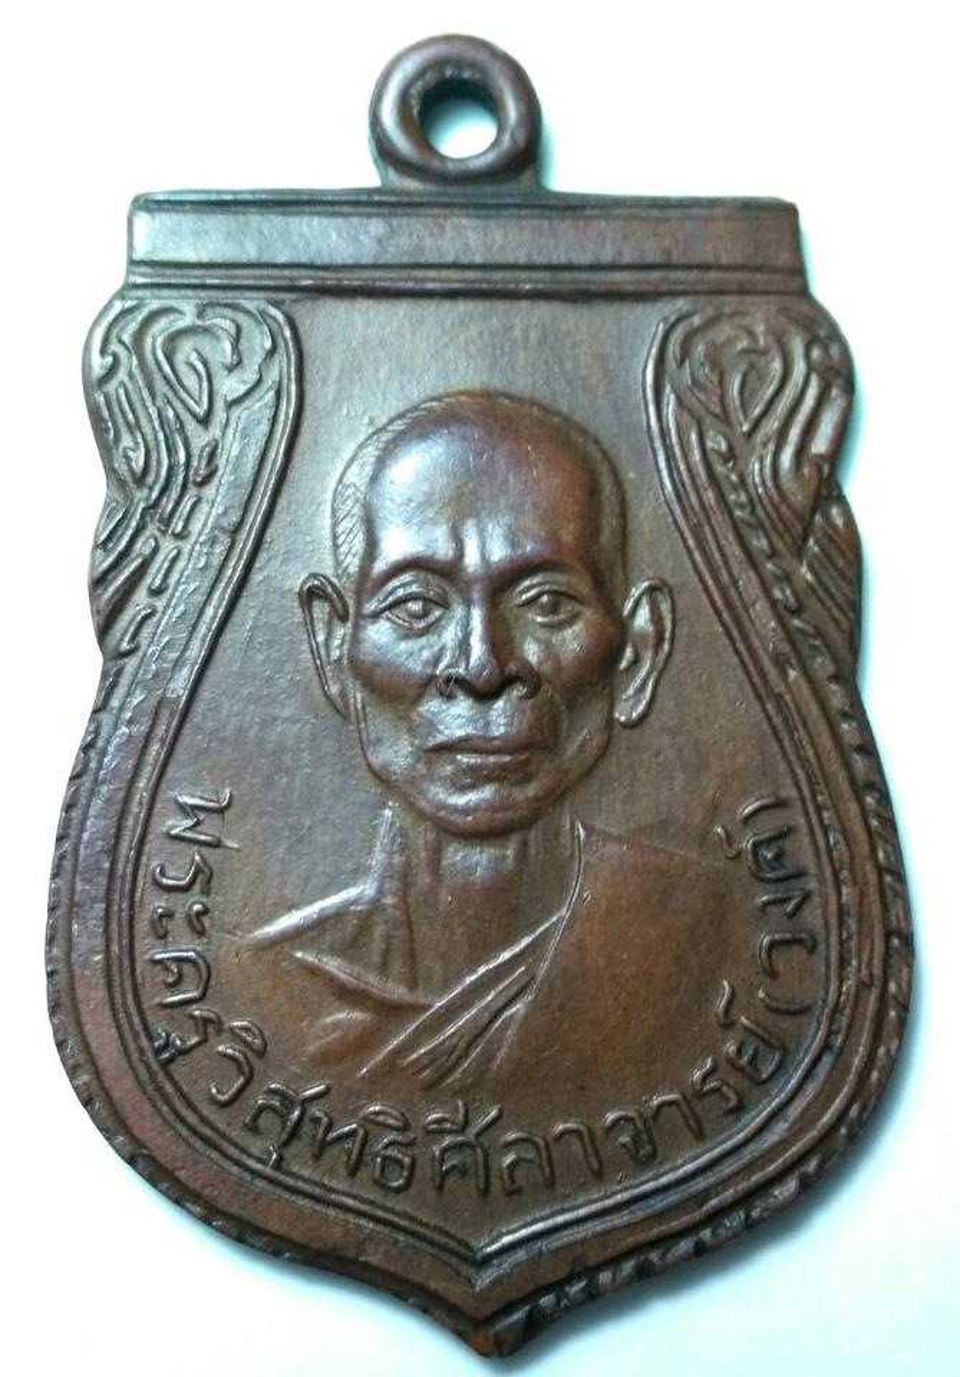 เหรียญหลวงพ่อวงษ์ วัดมะกอก รูปที่ 2